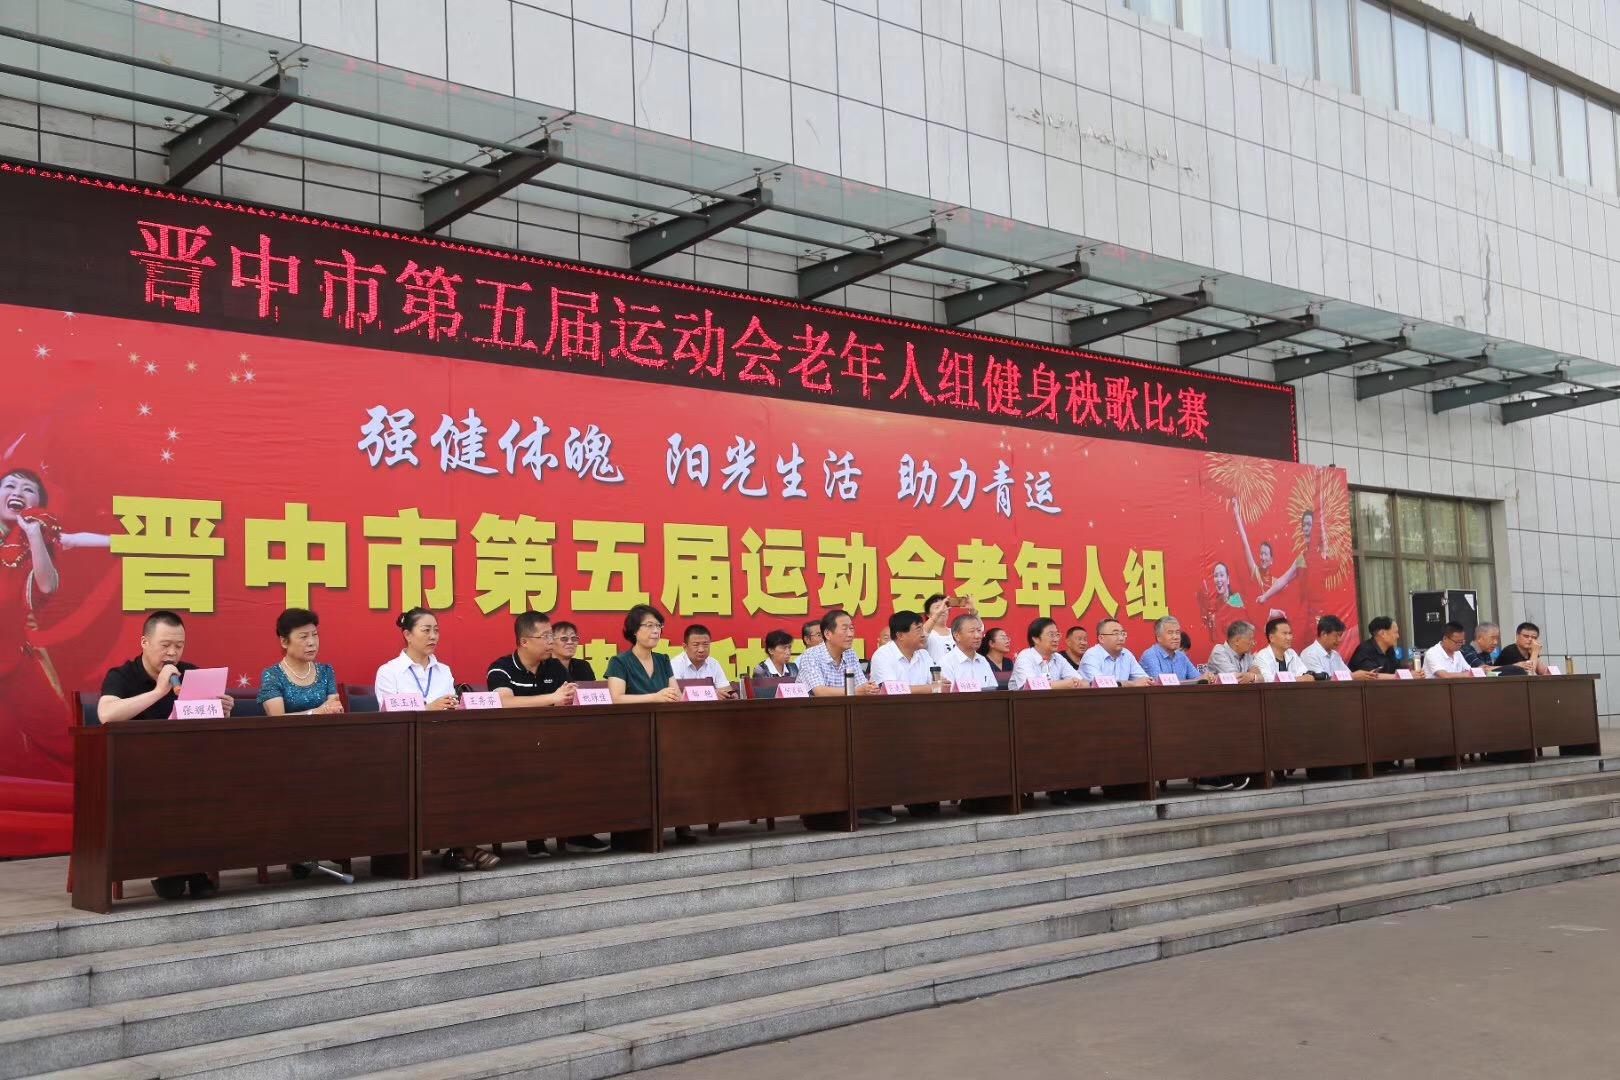 晋中市第五届运动会  老年组健身秧歌比赛在灵石举行